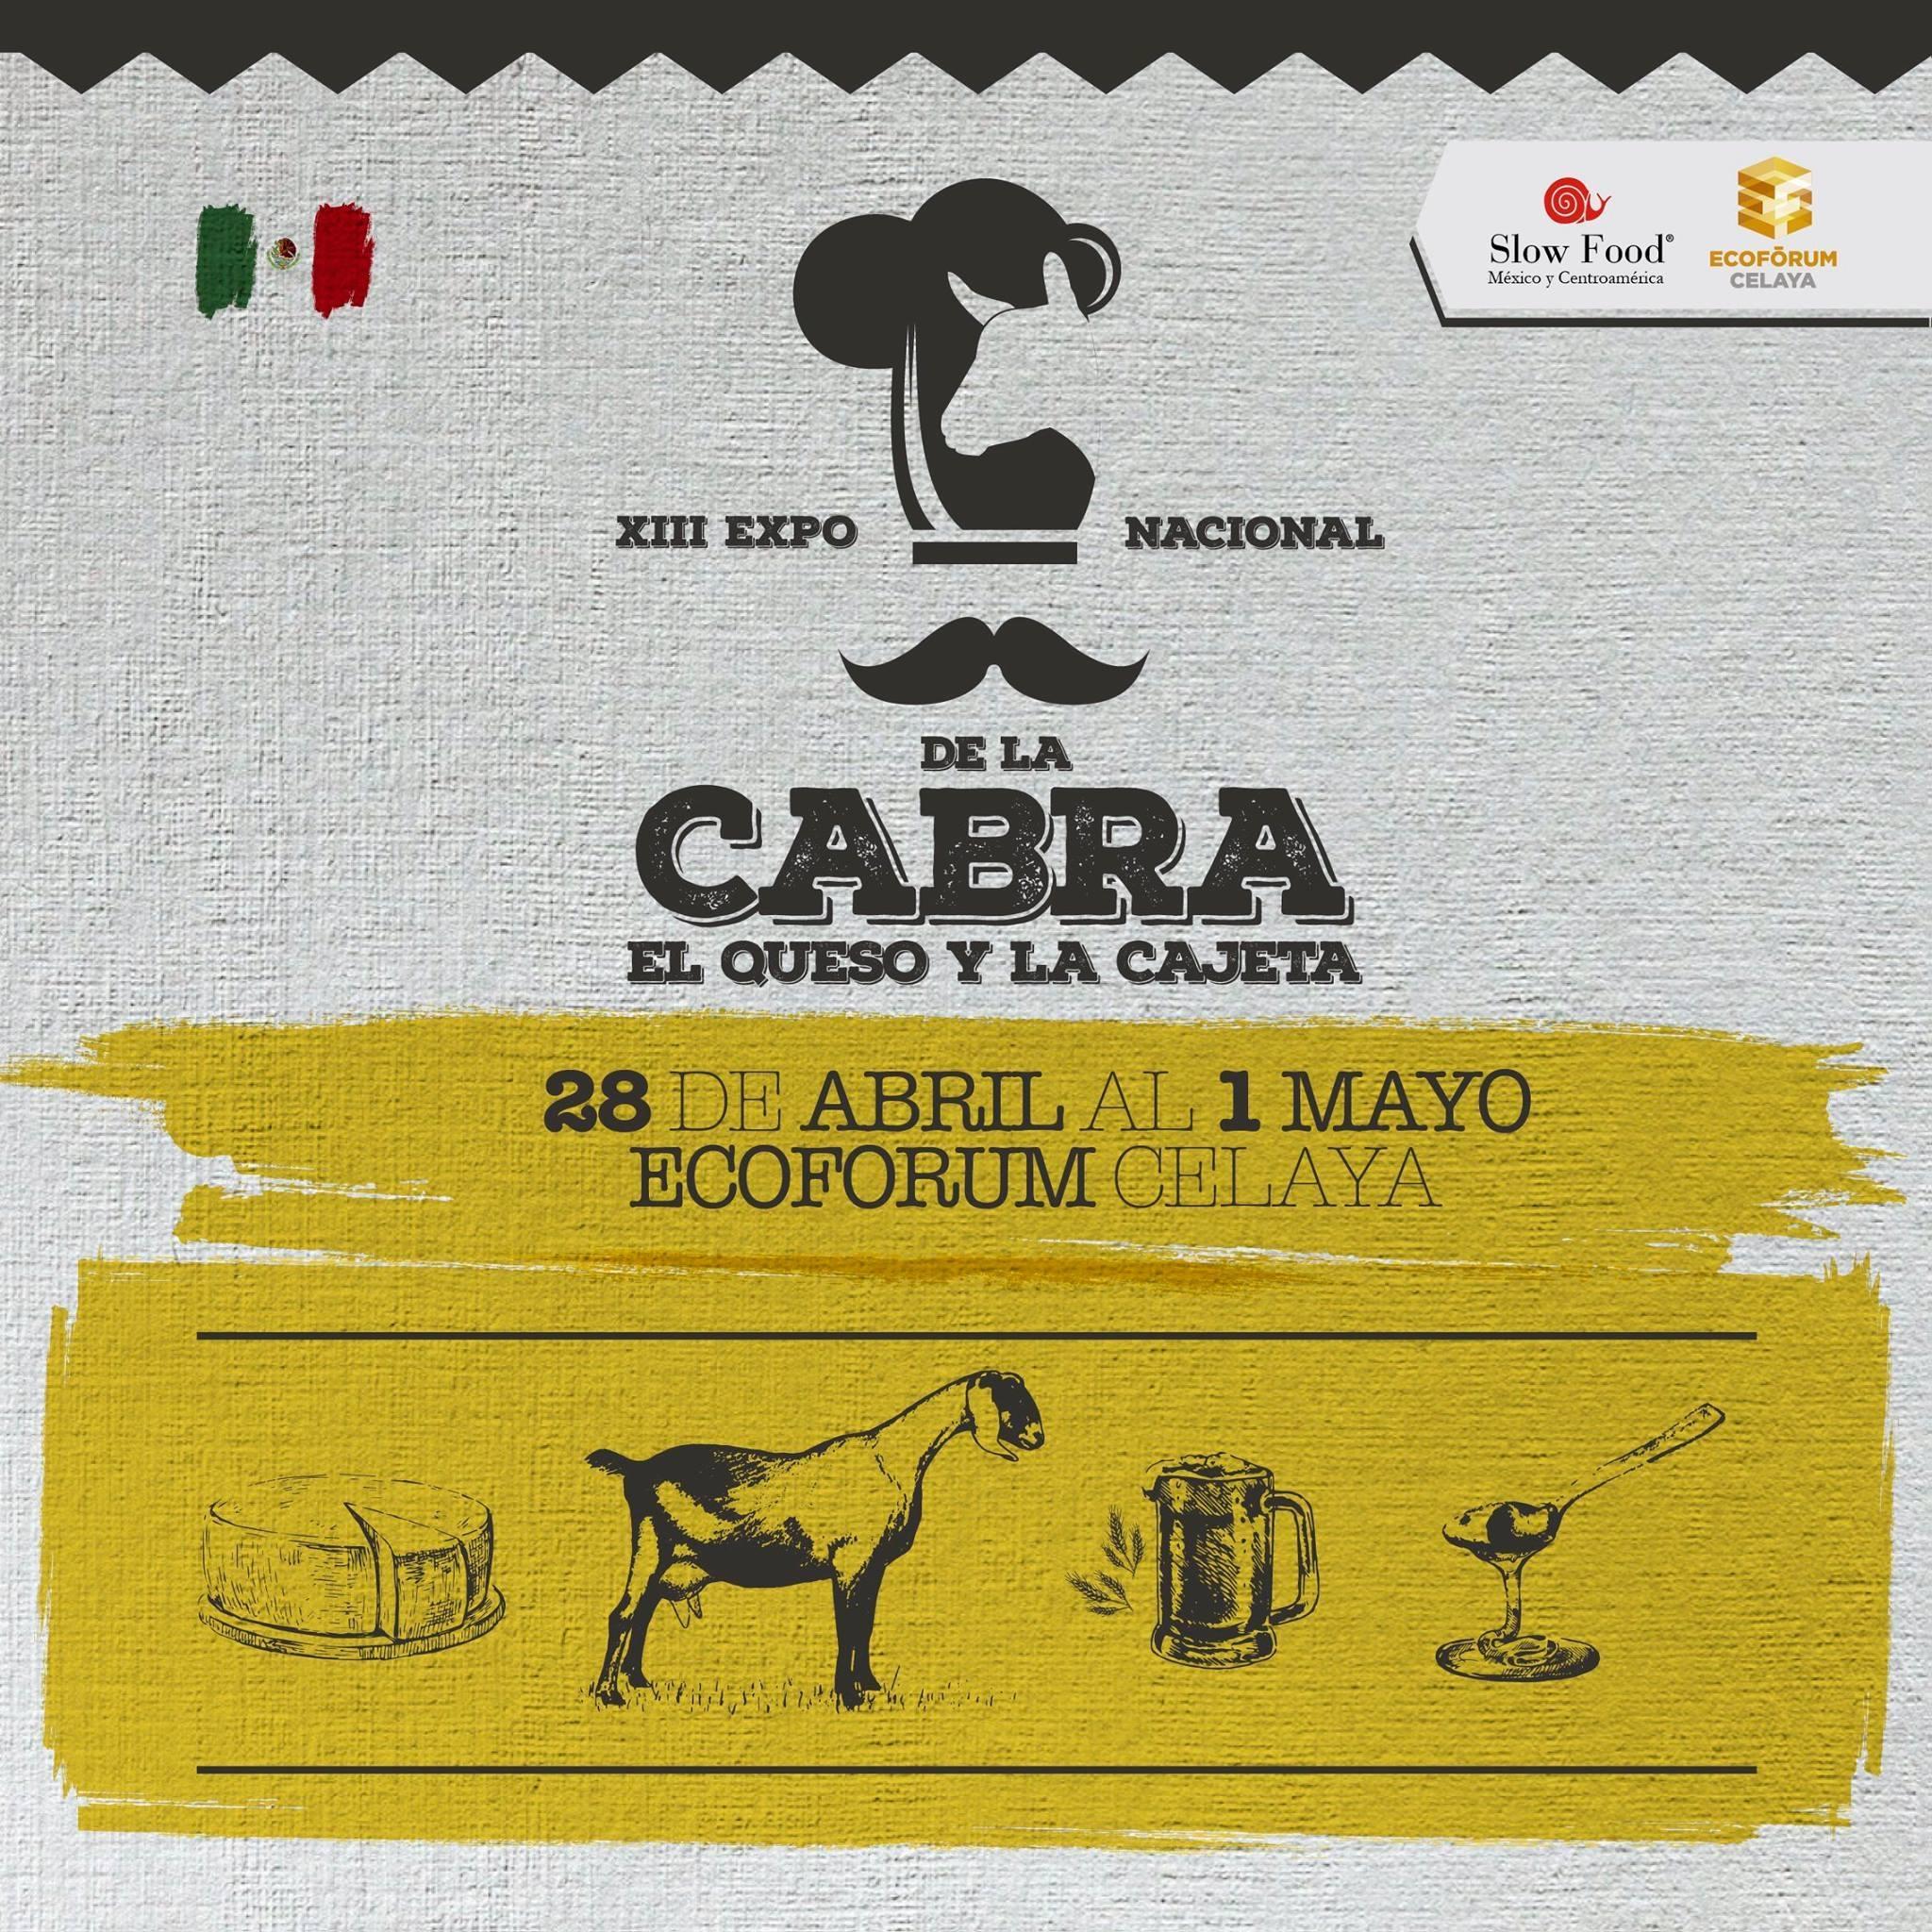 Expo Nacional de la cabra el queso y la cajeta Celaya logo